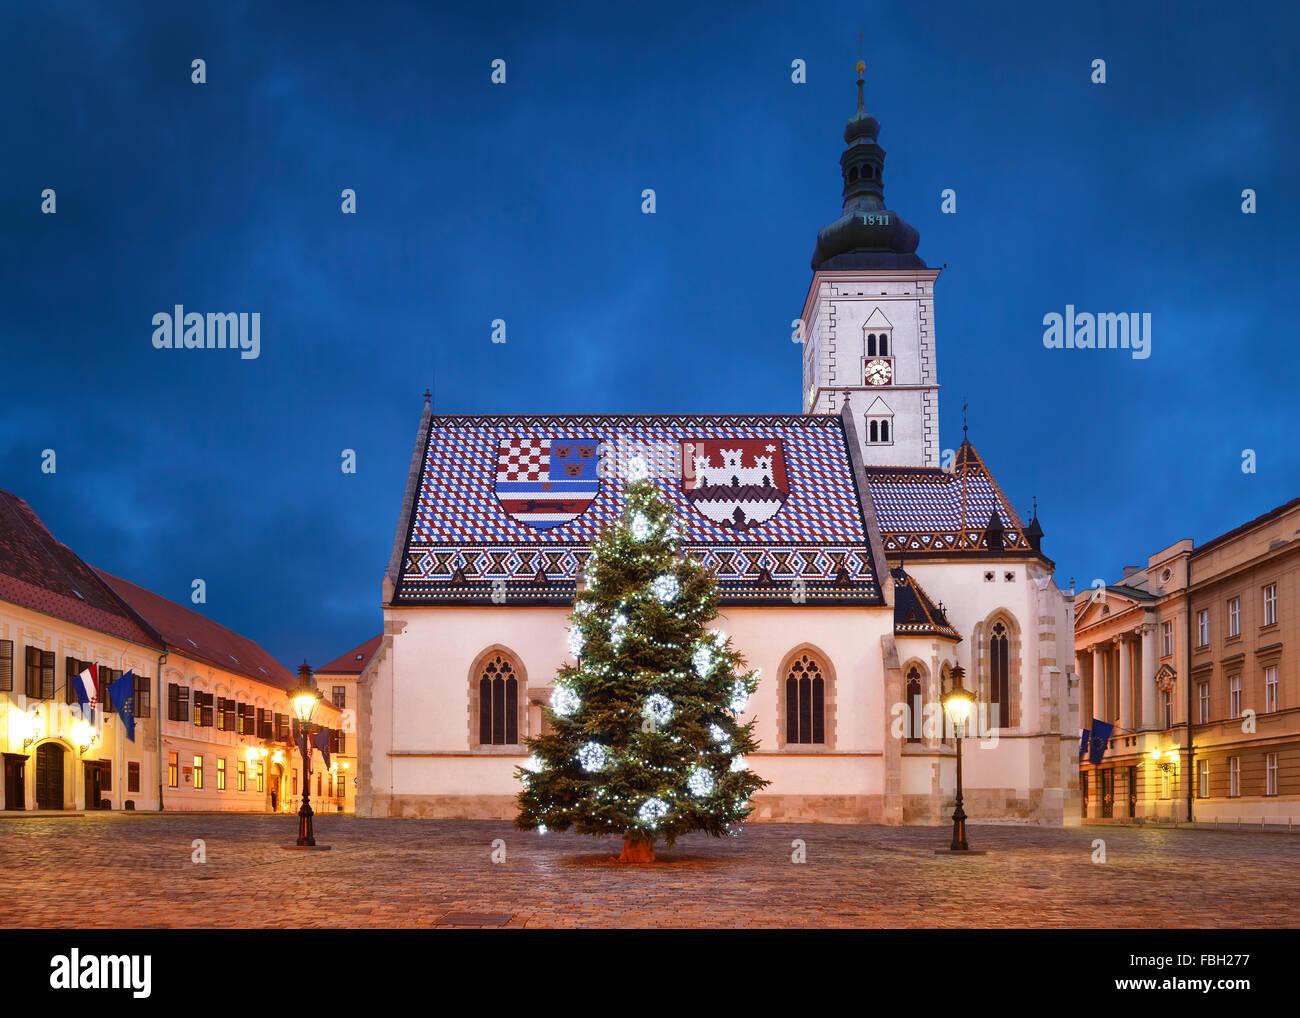 Weihnachten In Kroatien.St Markus Kirche Zu Weihnachten Zagreb Kroatien Stockfoto Bild